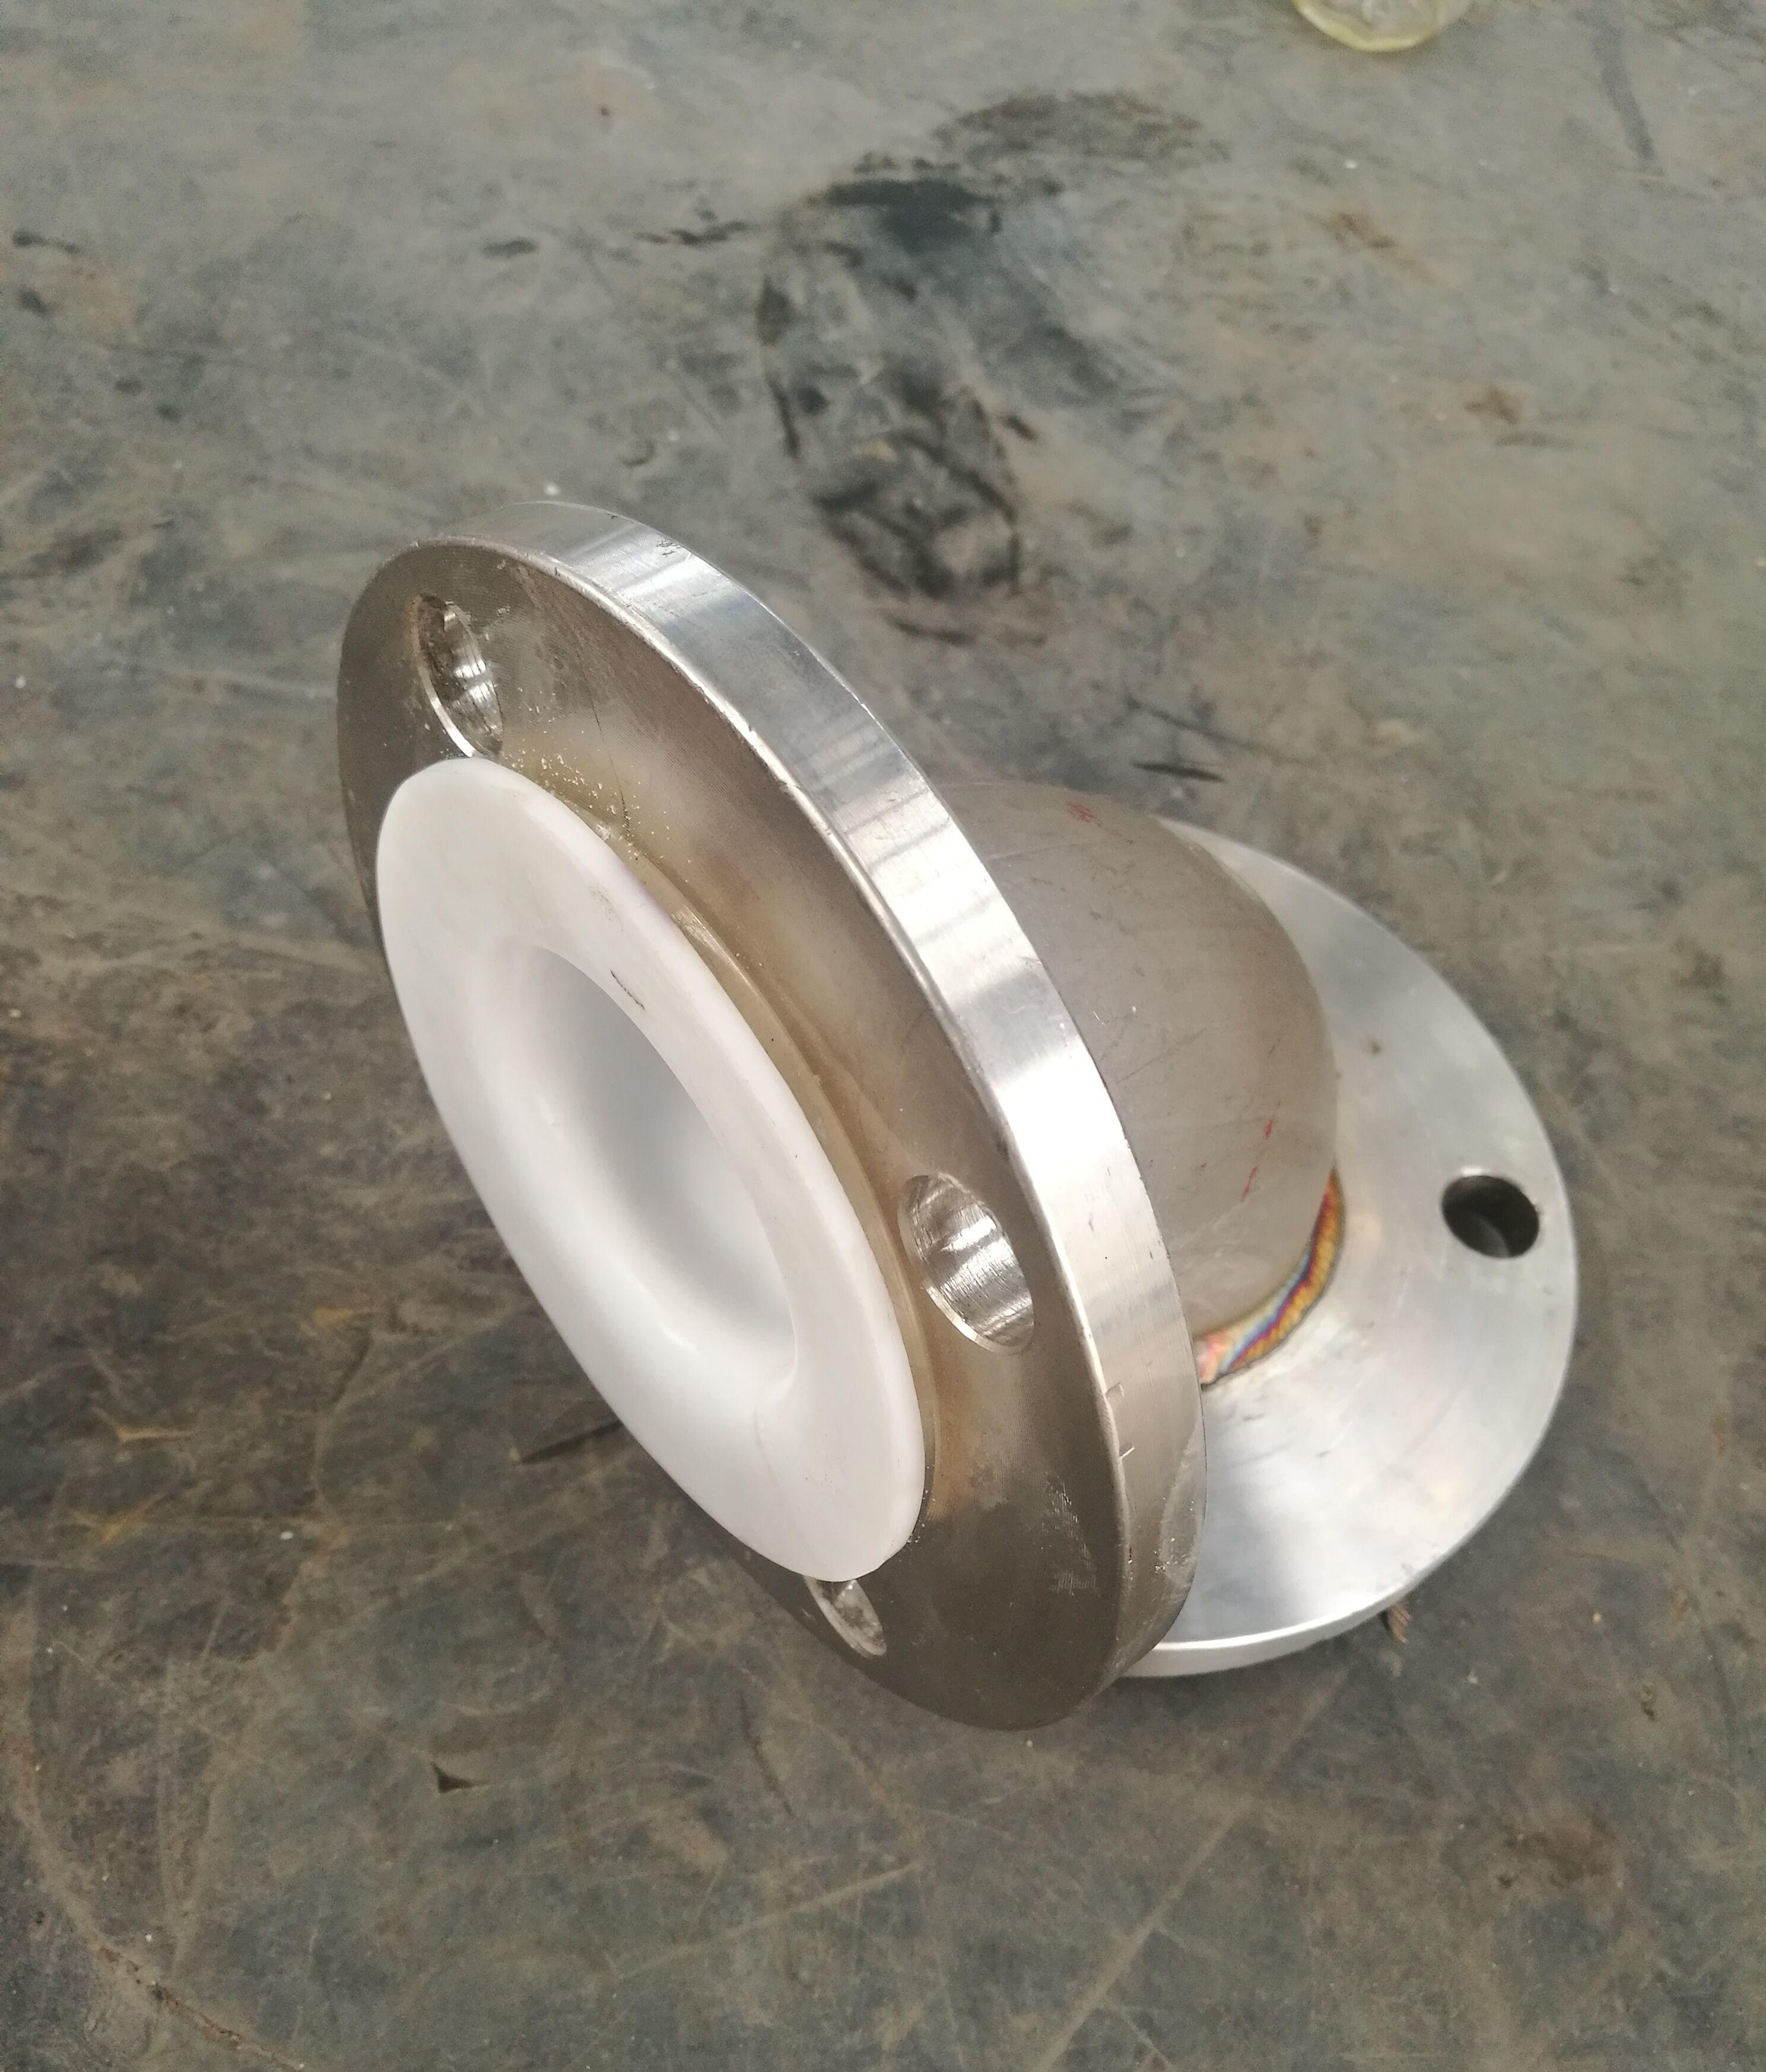 钢衬四氟管道|厂家直销钢衬四氟管道|钢衬四氟模压管道示例图1